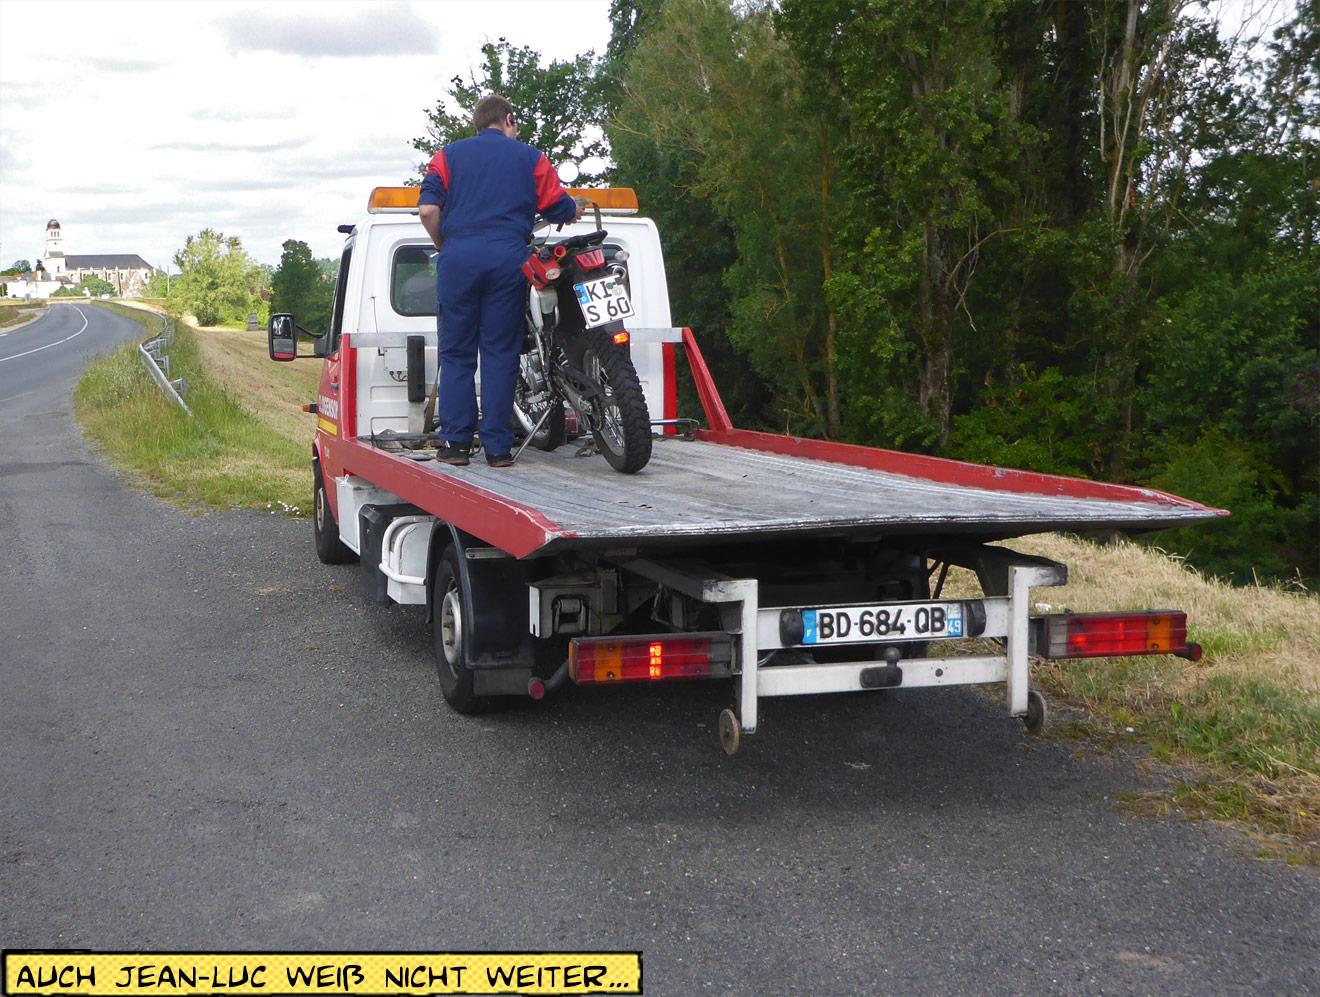 Motorrad wird auf Abschleppwagen geladen